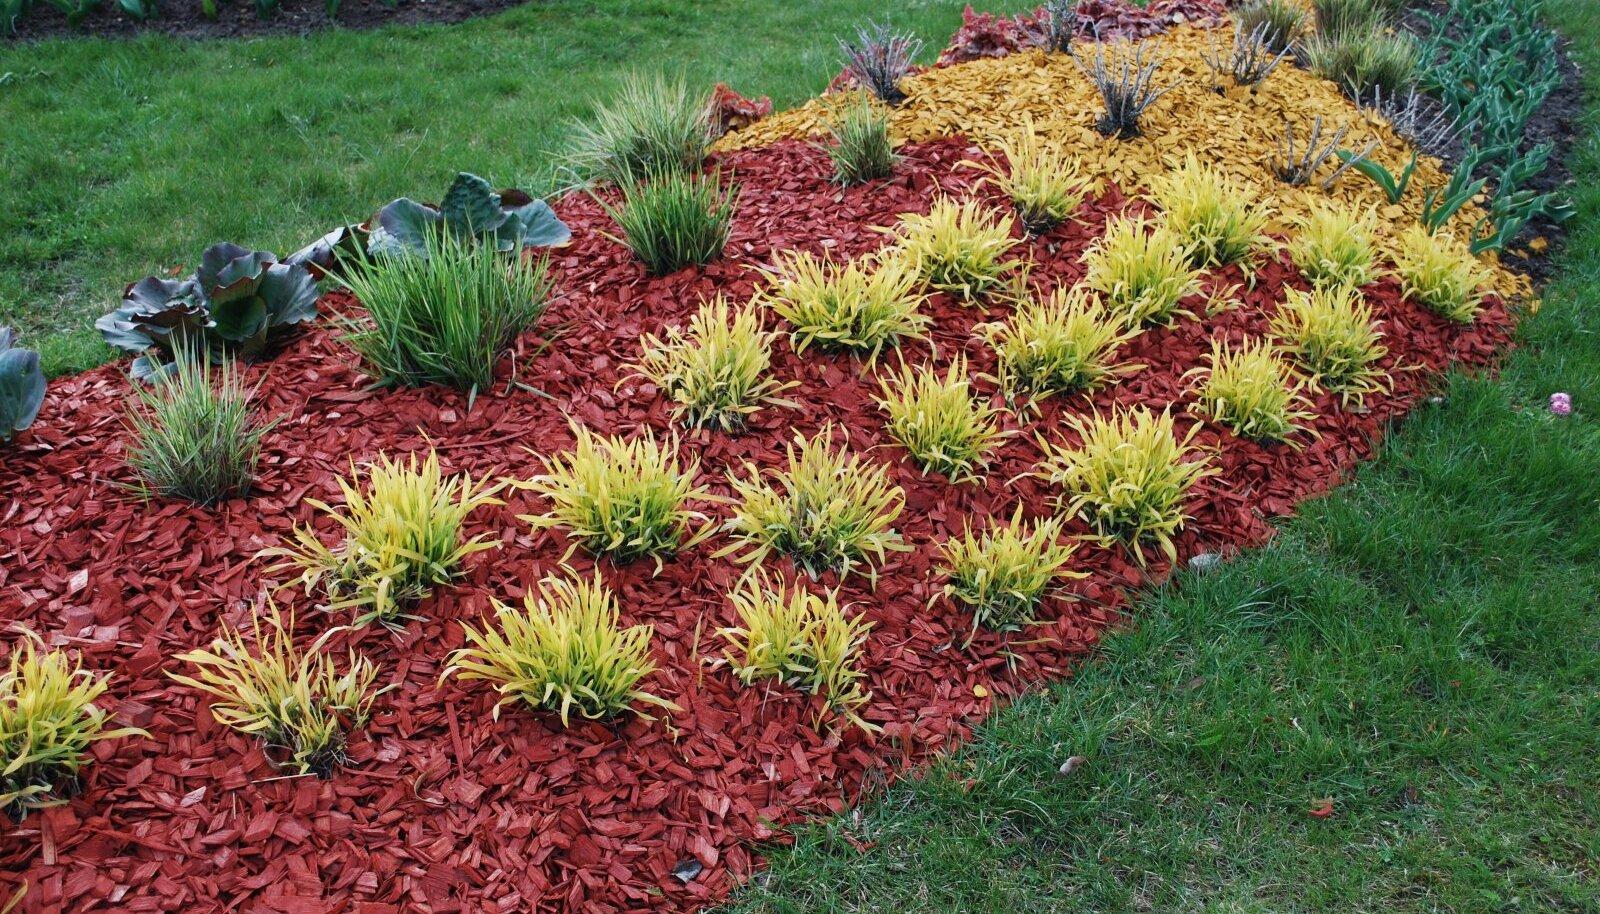 Värviline multš toob heledamate lehtedega taimede ilu veelgi enam esile.